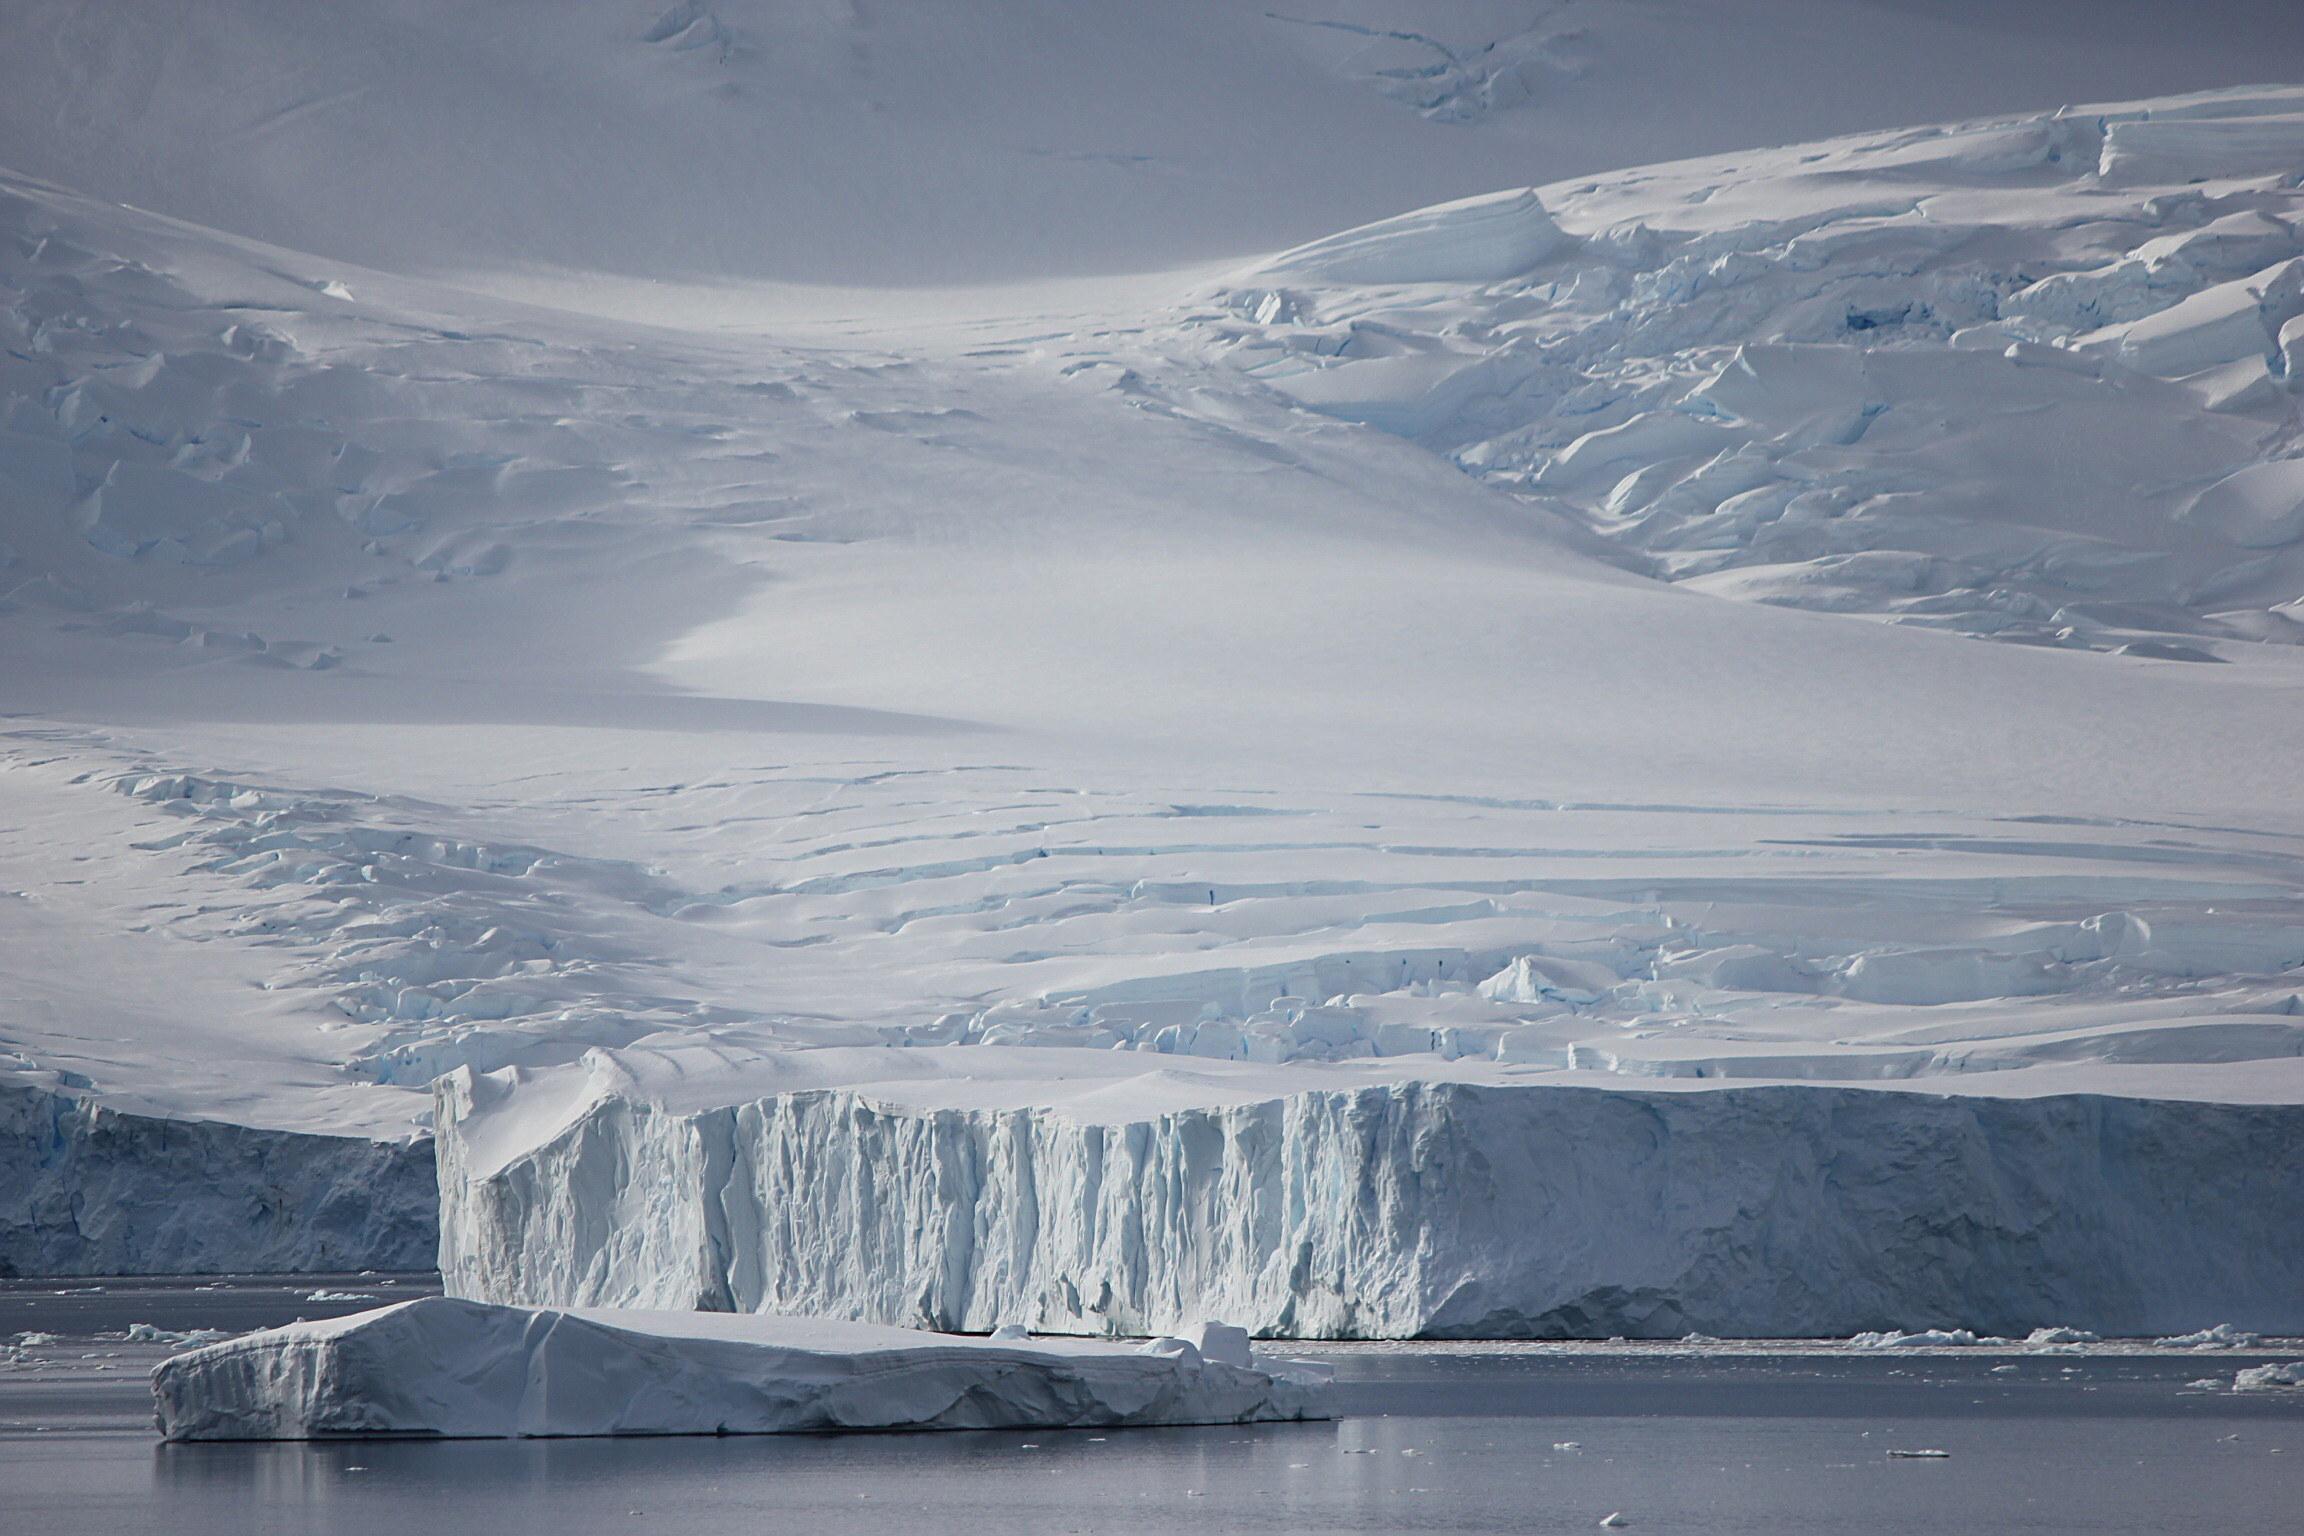 Glacier and Iceberg